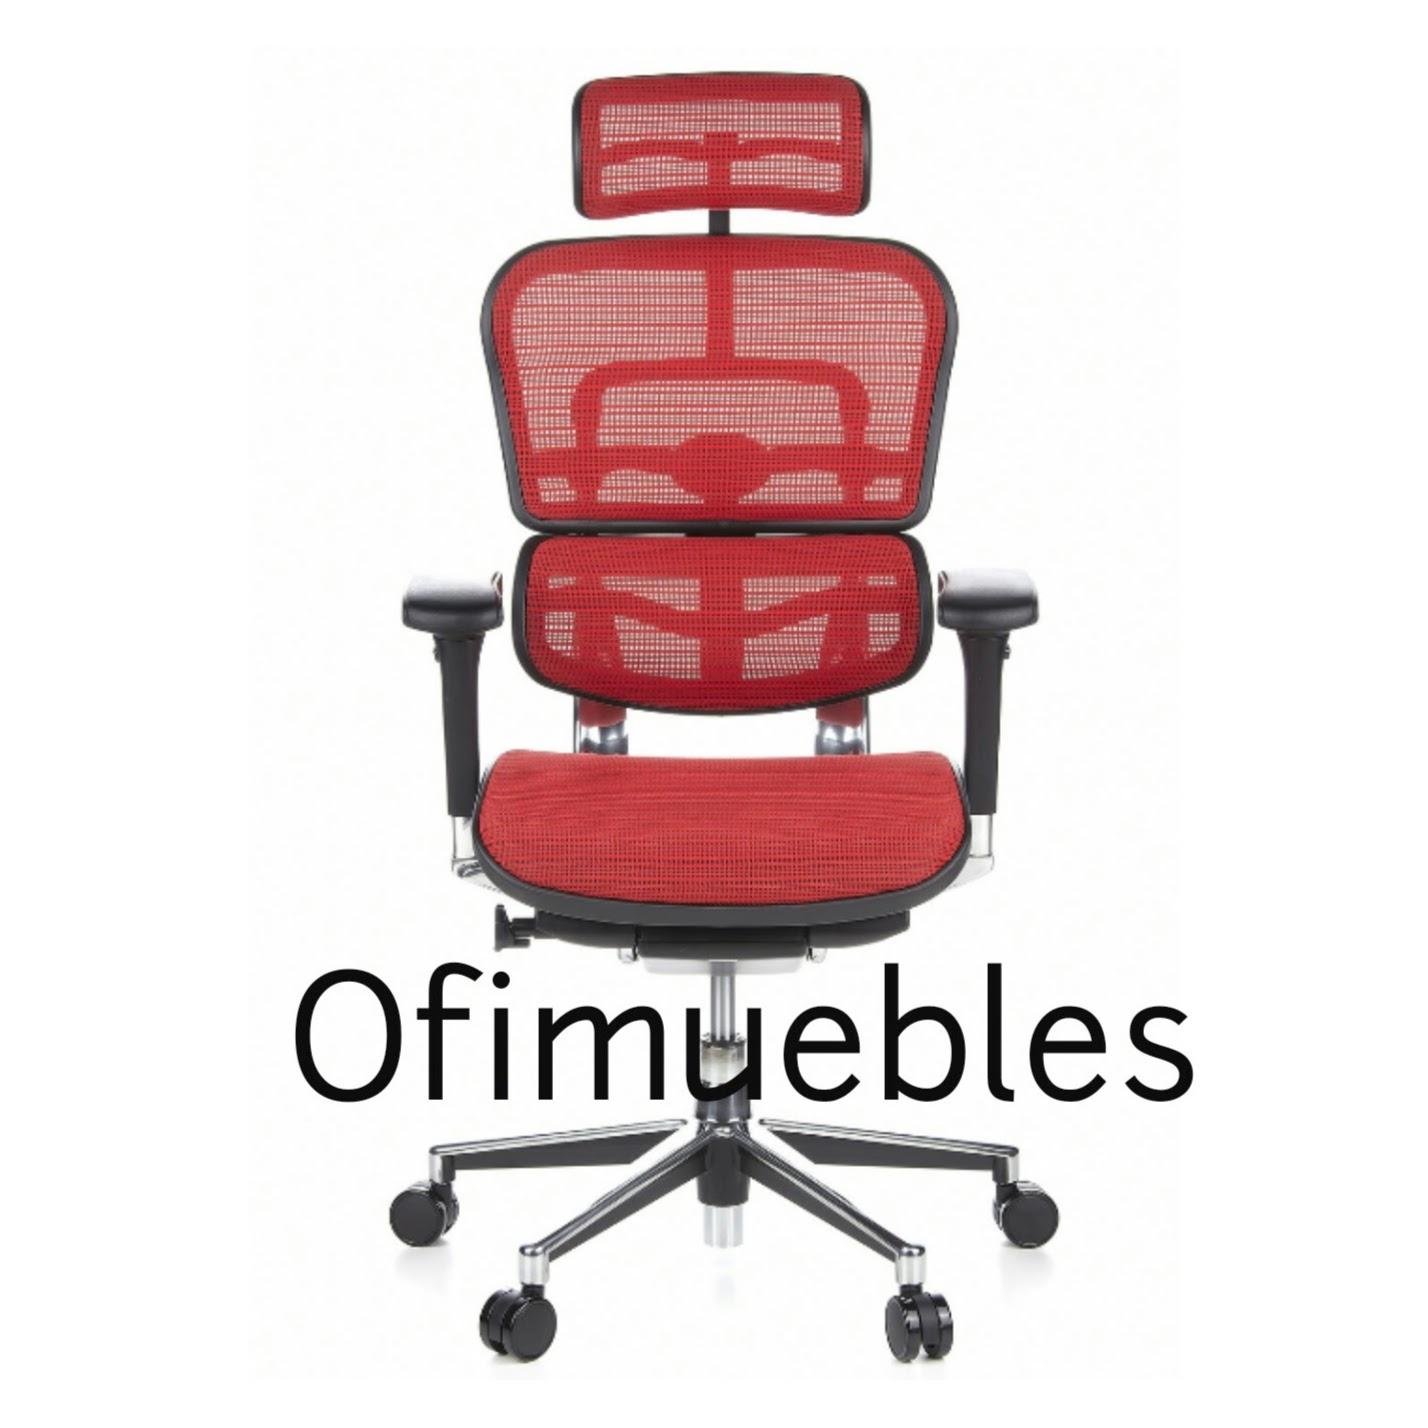 Muebles y sillas para oficina bogot ofimuebles colombia for Sillas para oficina bogota